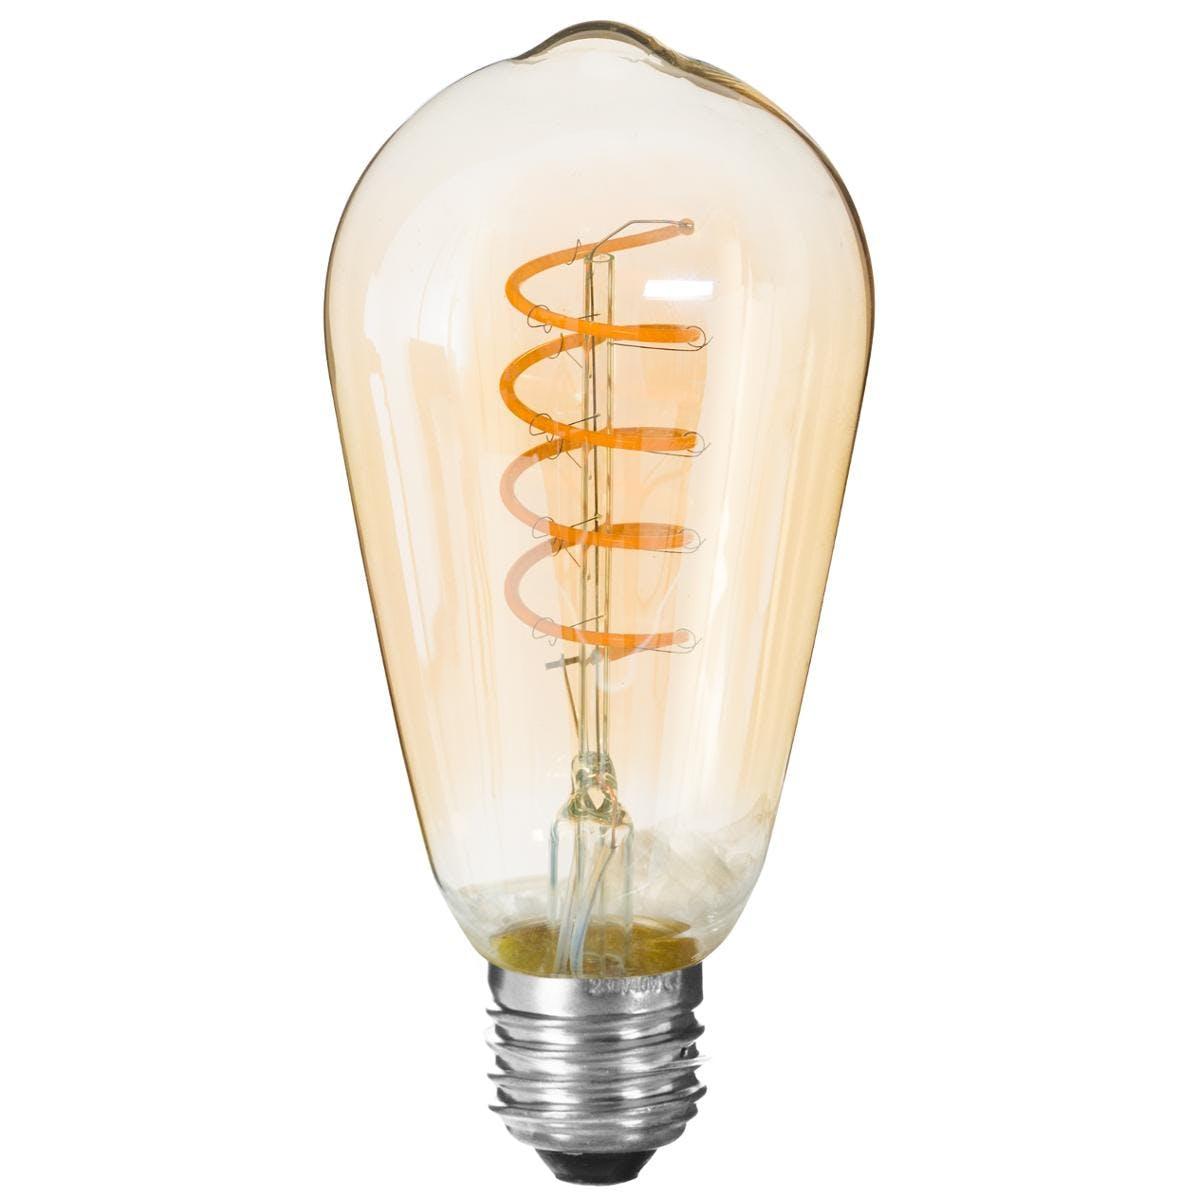 Ampoule LED vintage torsade ambre H14,5cm